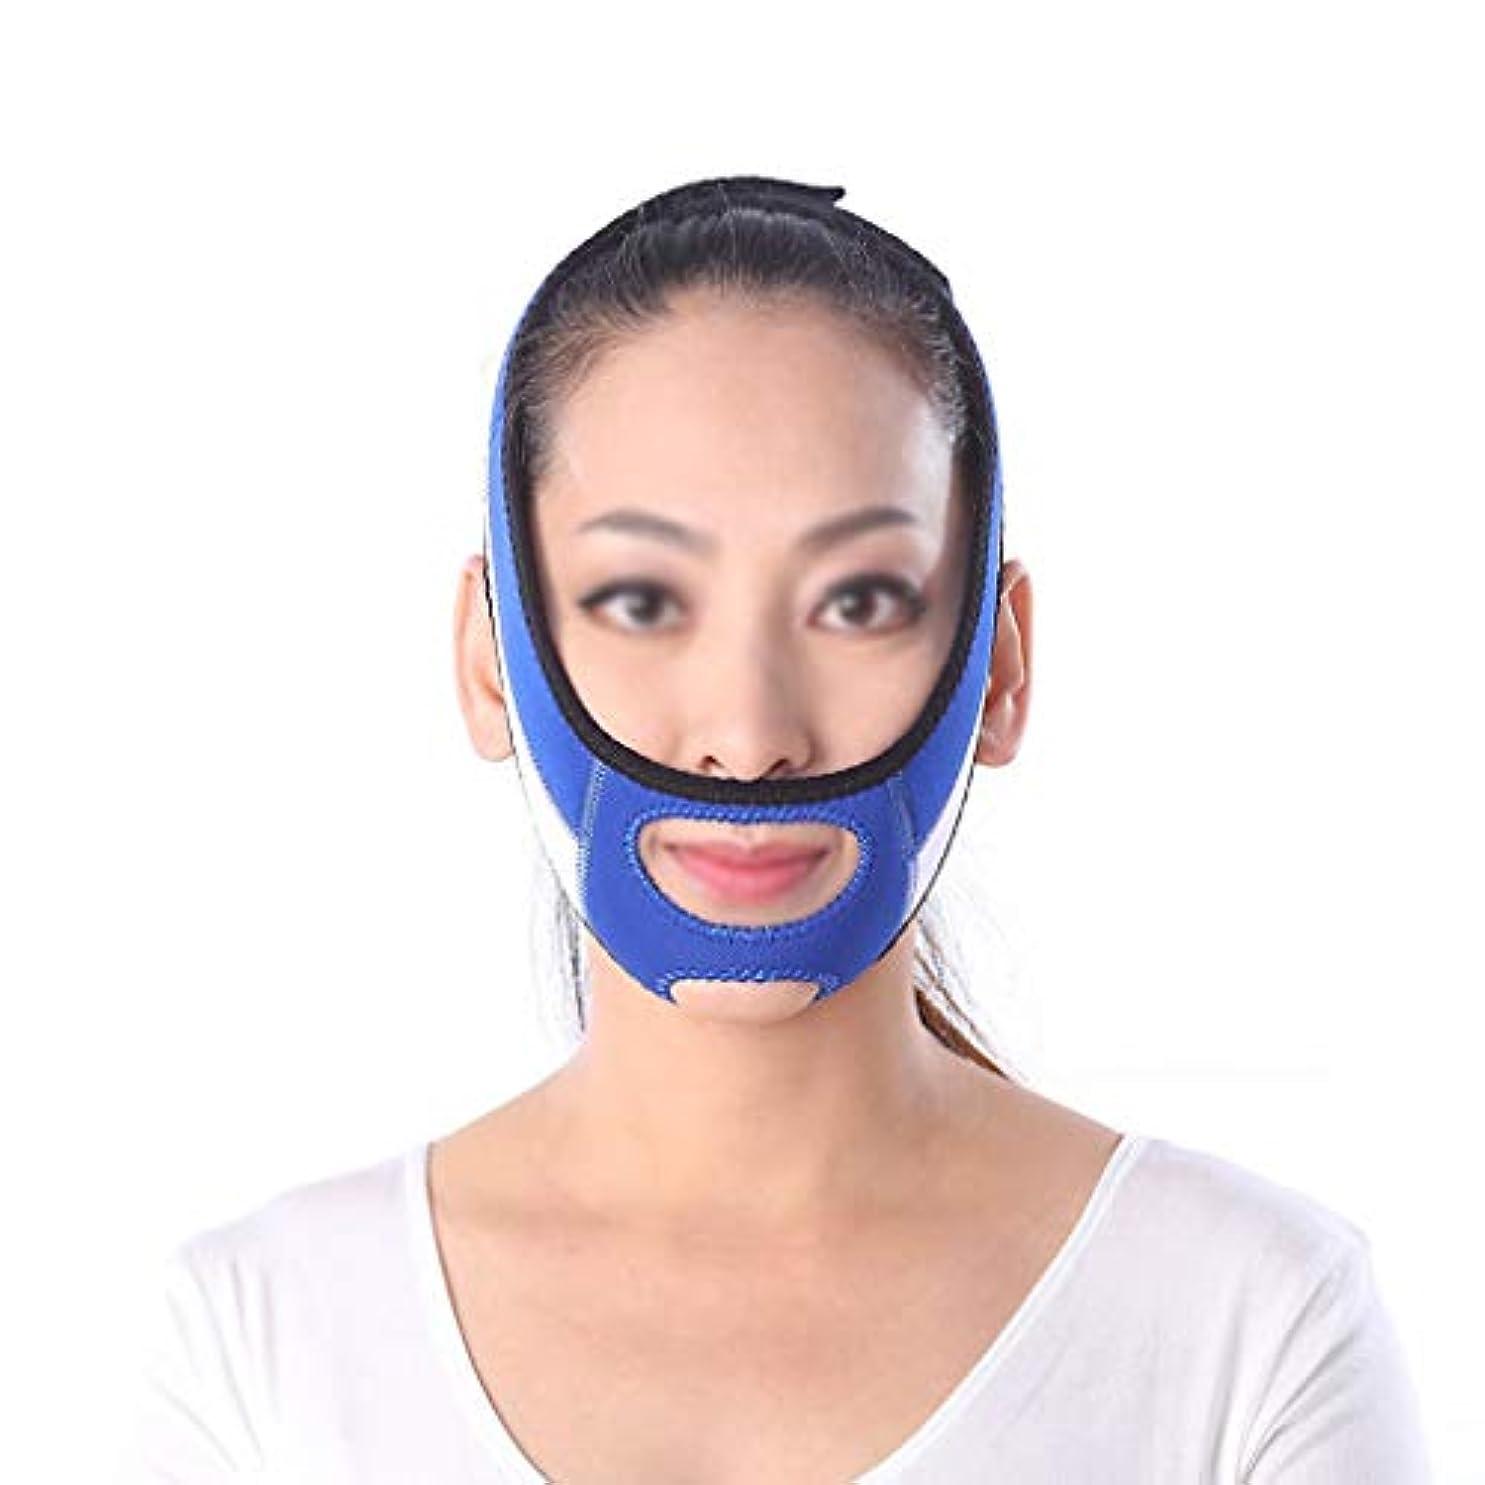 羊職業女の子XHLMRMJ フェイスリフティング包帯、フェイスリフティングマスク、フェイスリフティング器具、二重あごケア減量、フェイシャルリフティングストラップ(フリーサイズ、ブルー)